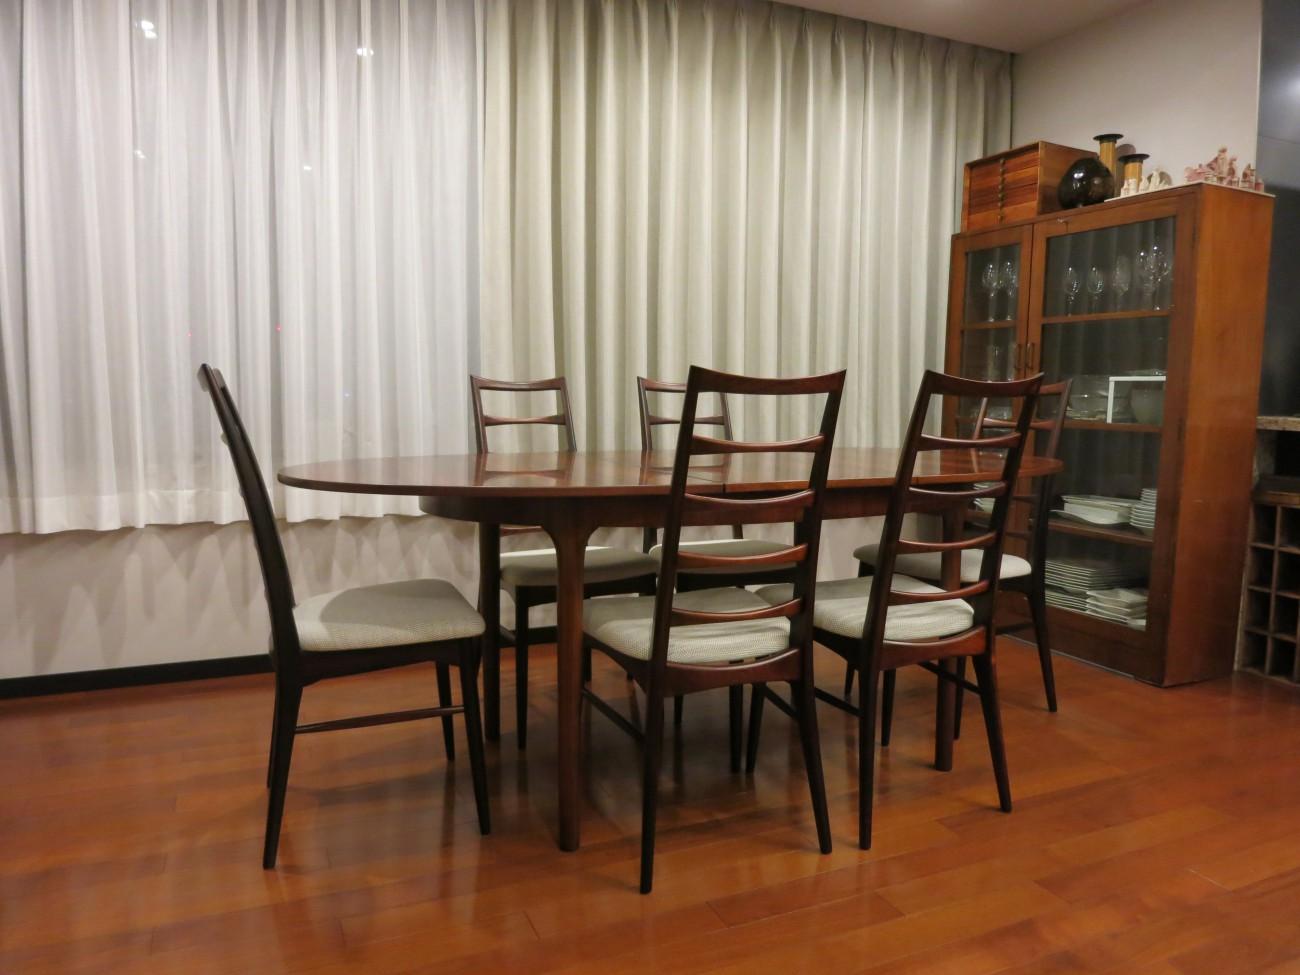 ニールス・コフォード Liz ローズウッドチェアとエクステンションダイニングテーブル A.H.McINTOSH(マッキントッシュ) & CO LTD KIRKCALDY SCOTLAND ビンテージ北欧家具のセットのお部屋での写真2